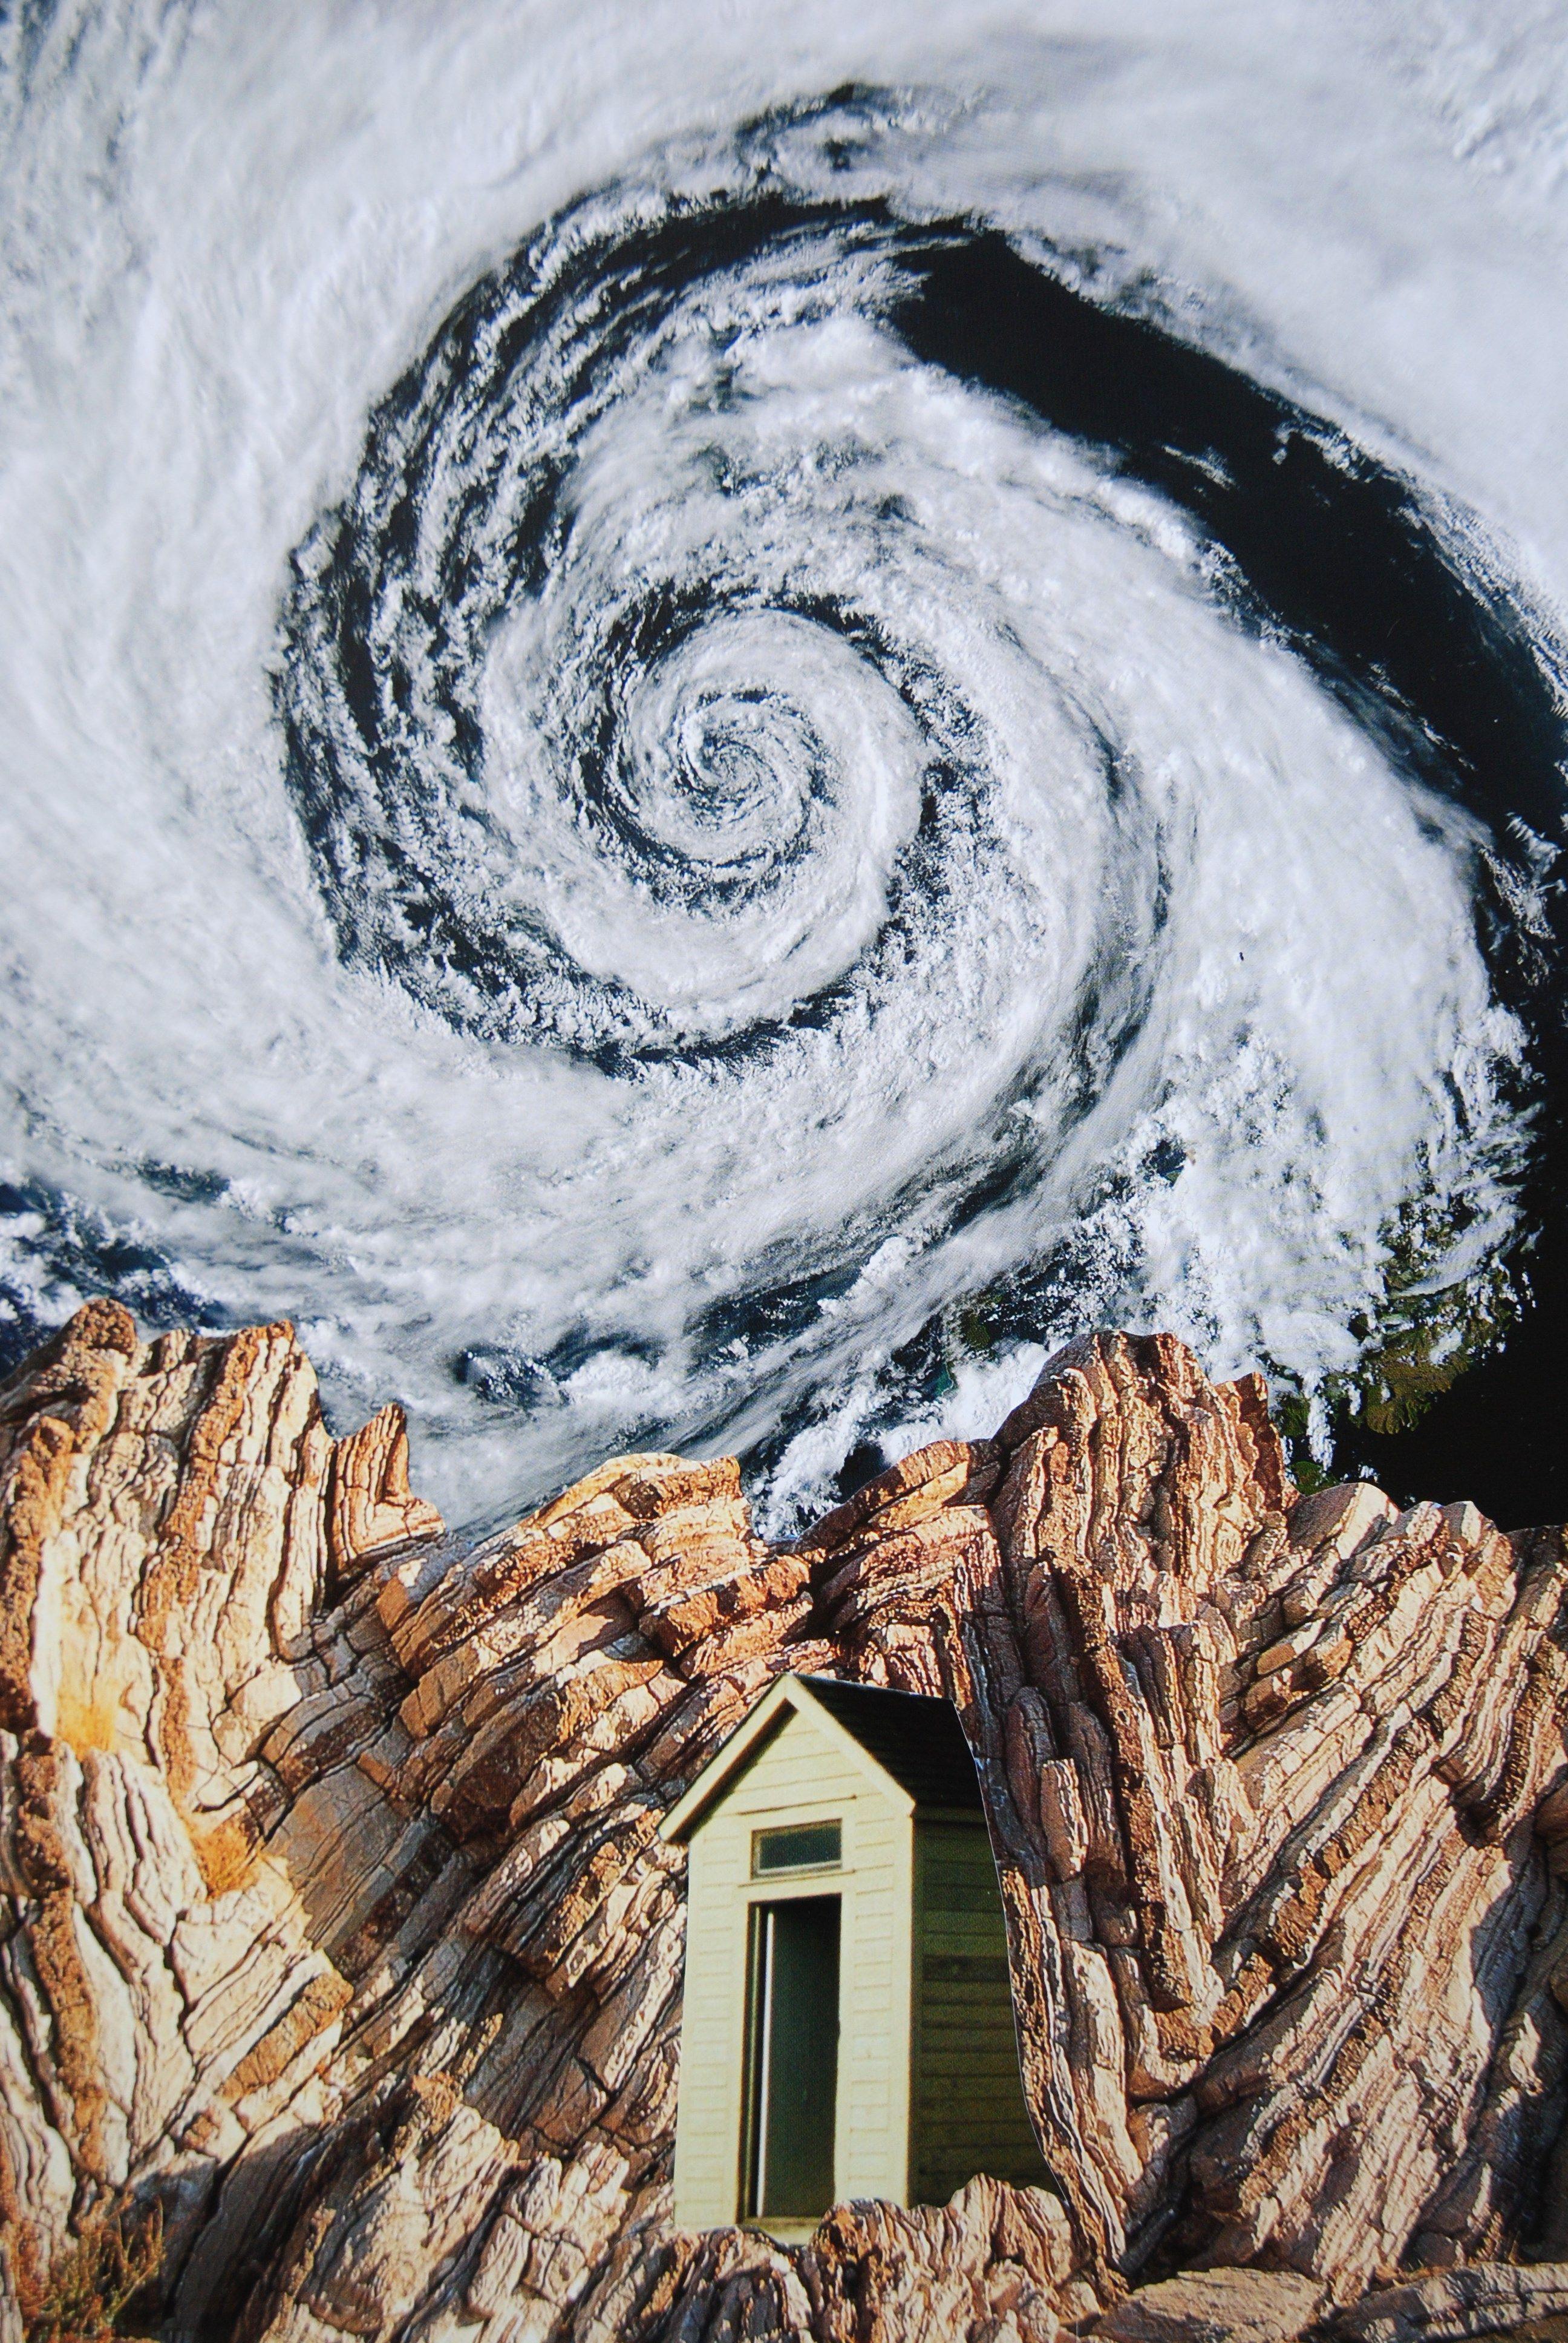 Hurricane House John Turck Collage Collage Art Art Original Collage